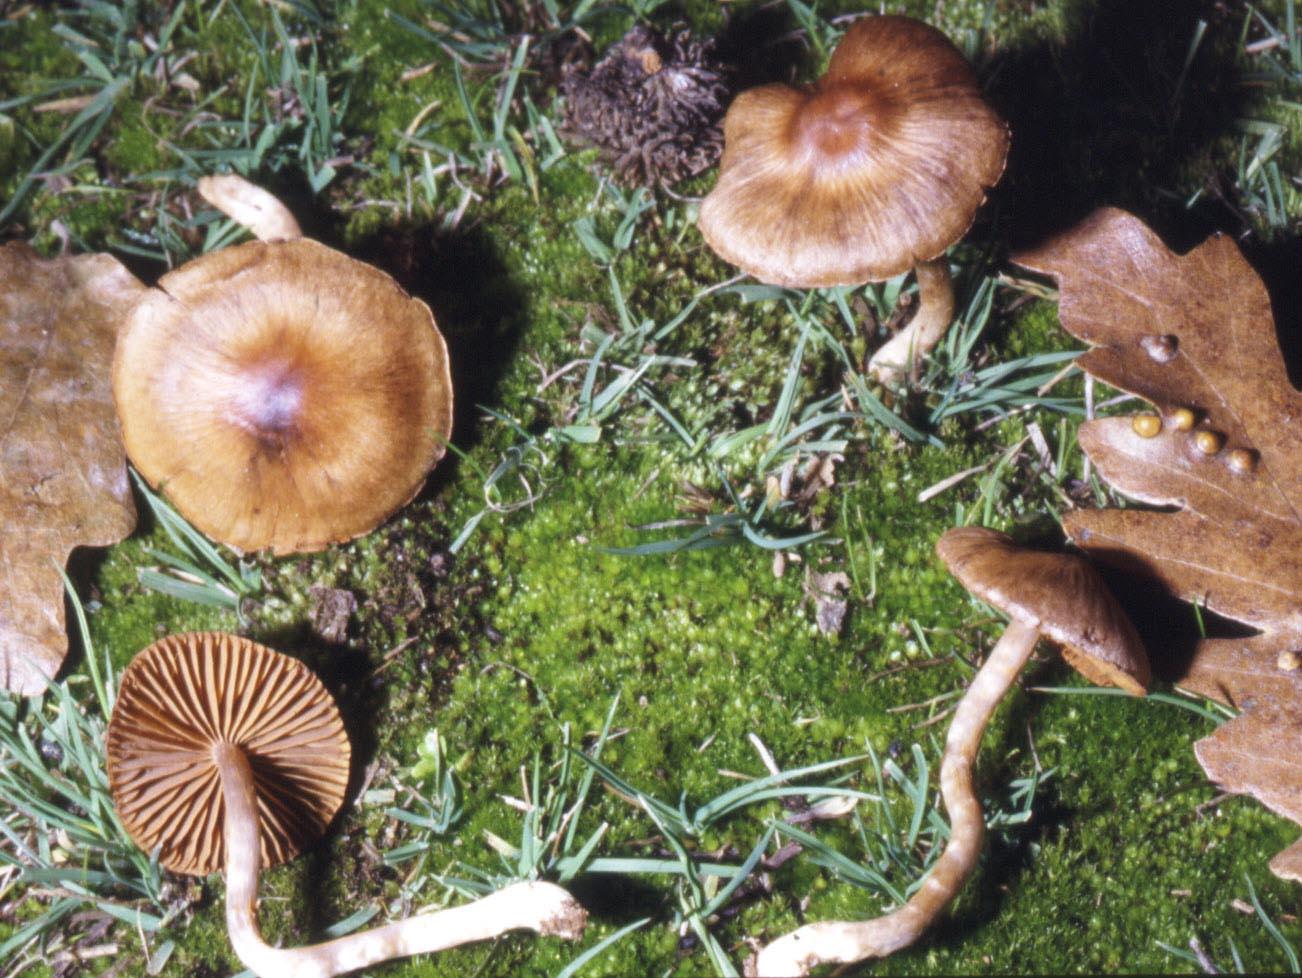 Posizione di fungo e suola